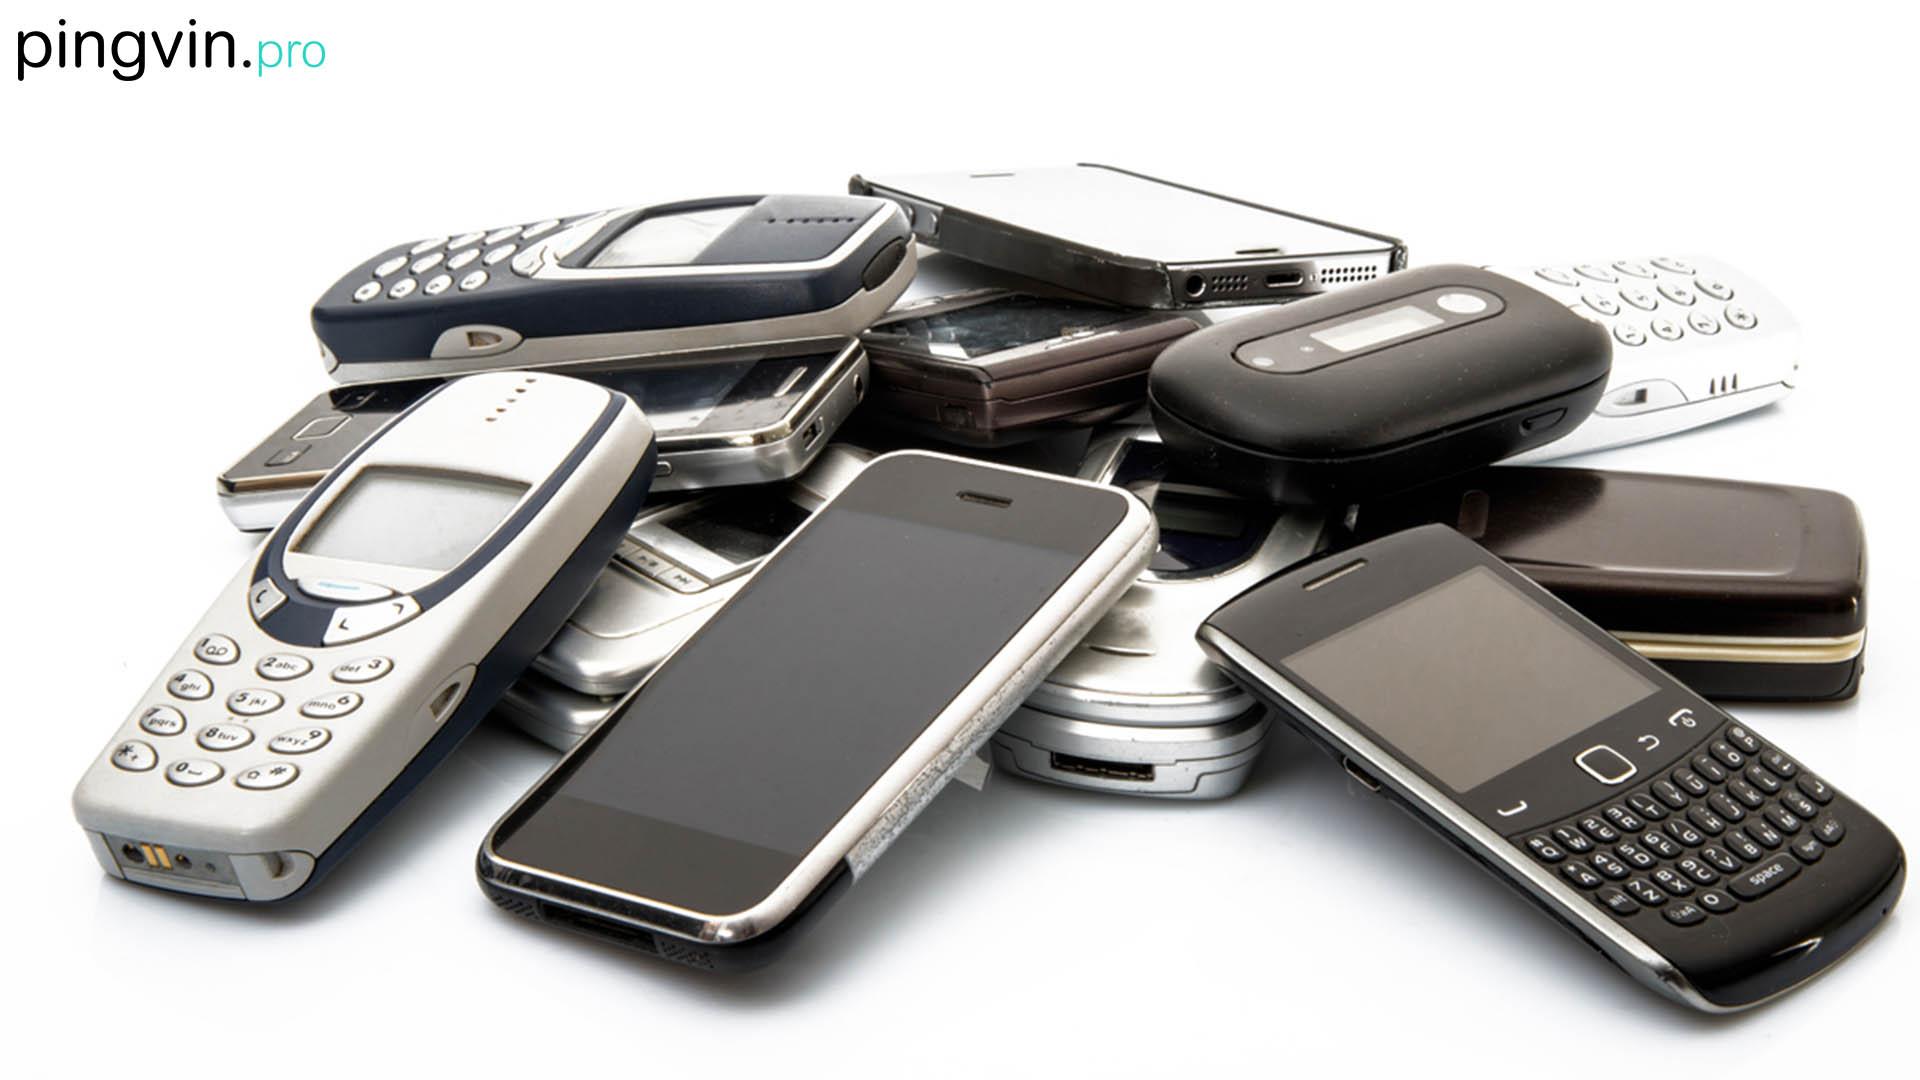 Phones, слухавки, телефони